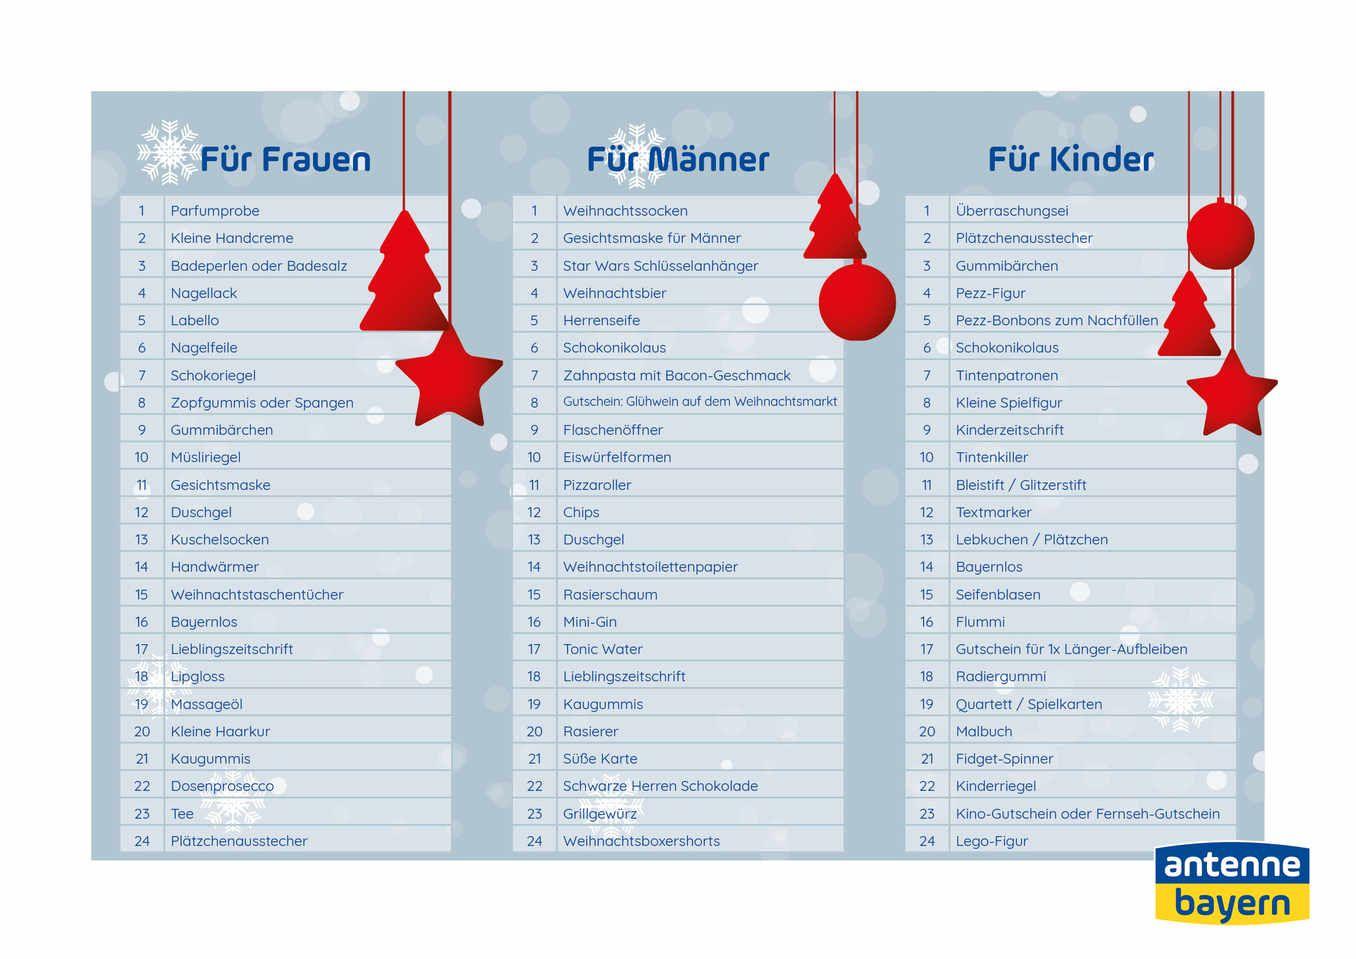 Adventskalender Selber Befullen Die Einkaufsliste Fur Kids Frauen Manner Adventkalender Adventskalender Selber Befullen Adventskalender